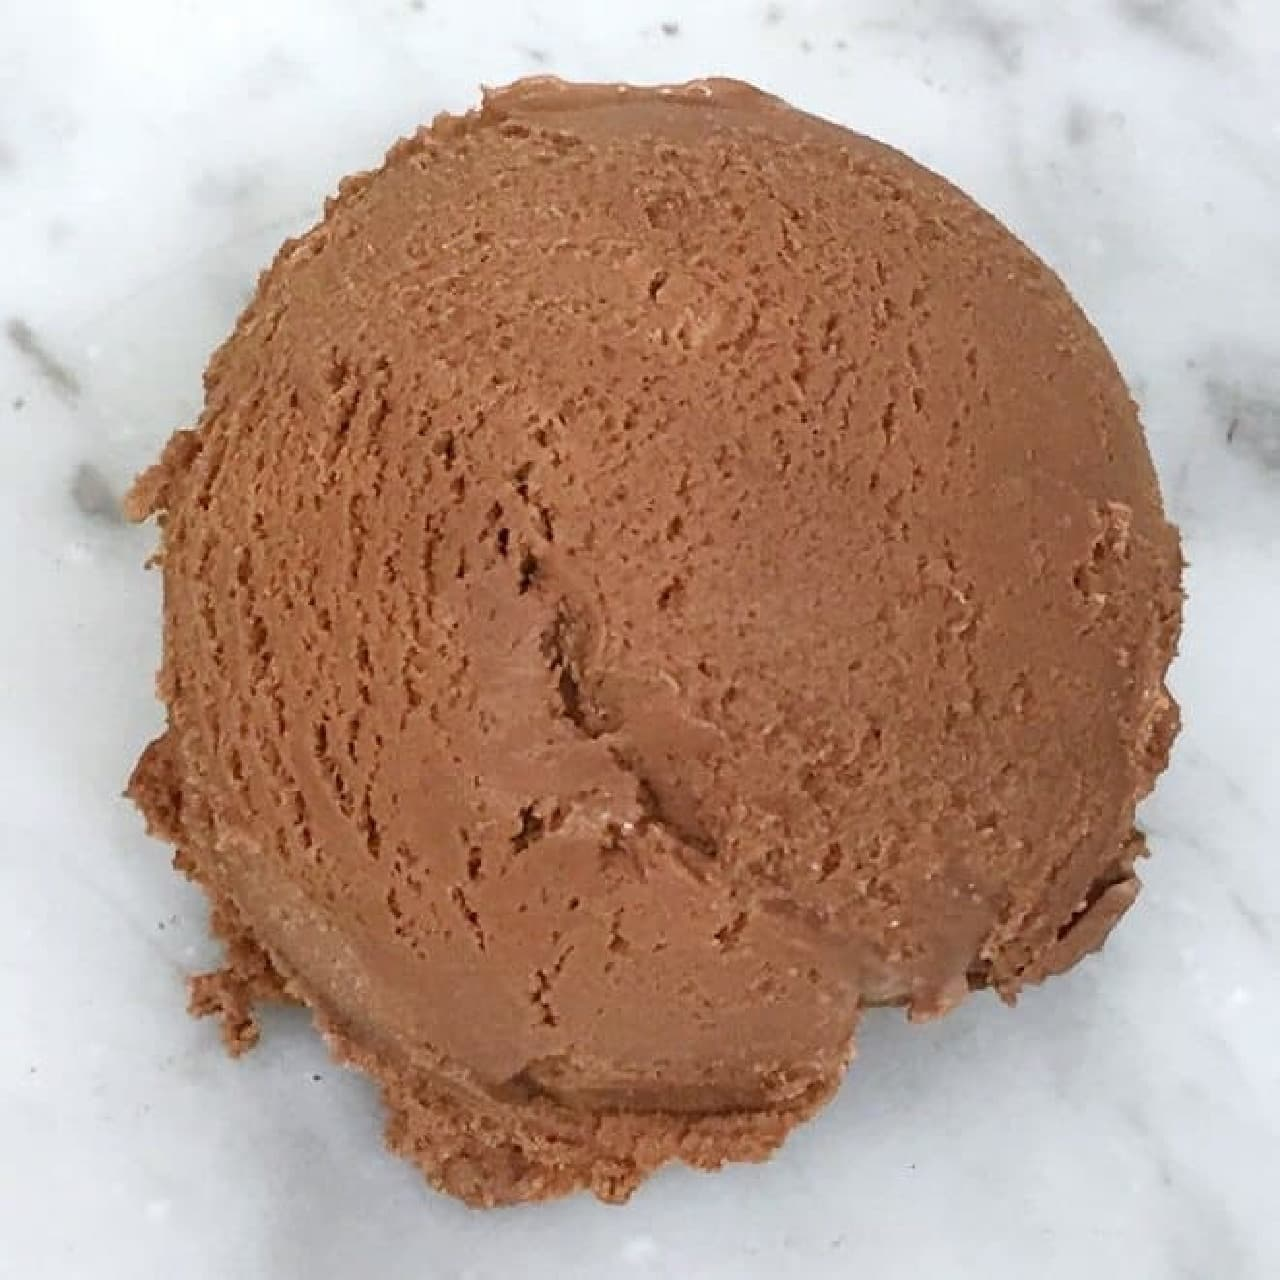 「6種のカカオアイスクリーム」は、モンロワールのチョコレート職人が1年以上の期間を費やして開発したアイスデザート